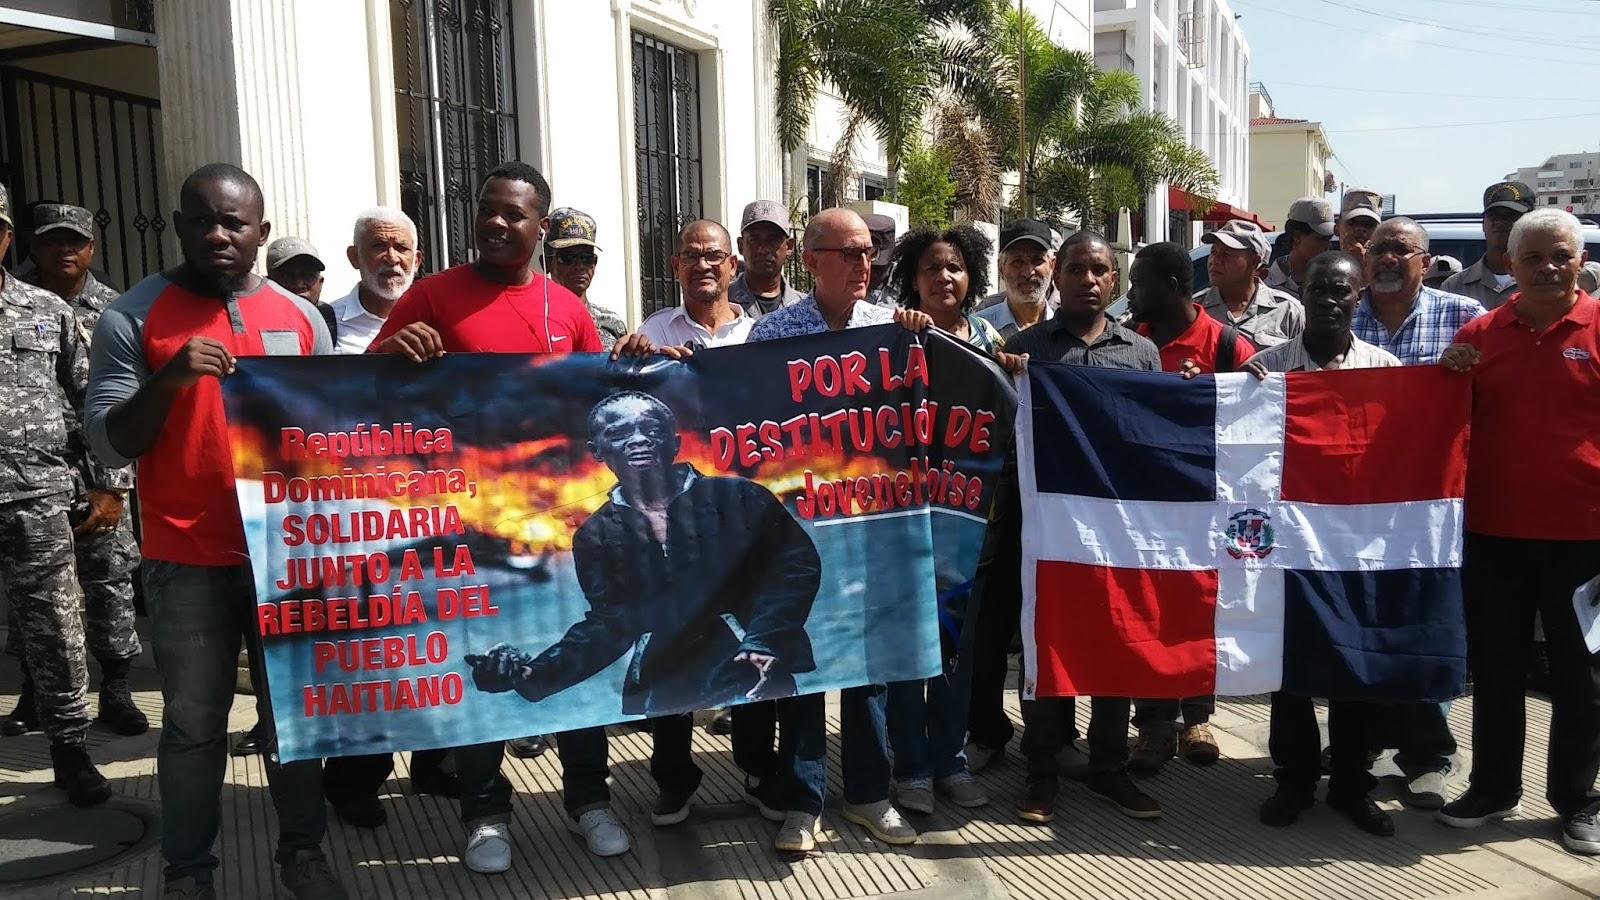 Como Es Vivir En Haiti manifiesto: república dominicana respalda la rebeldía y el